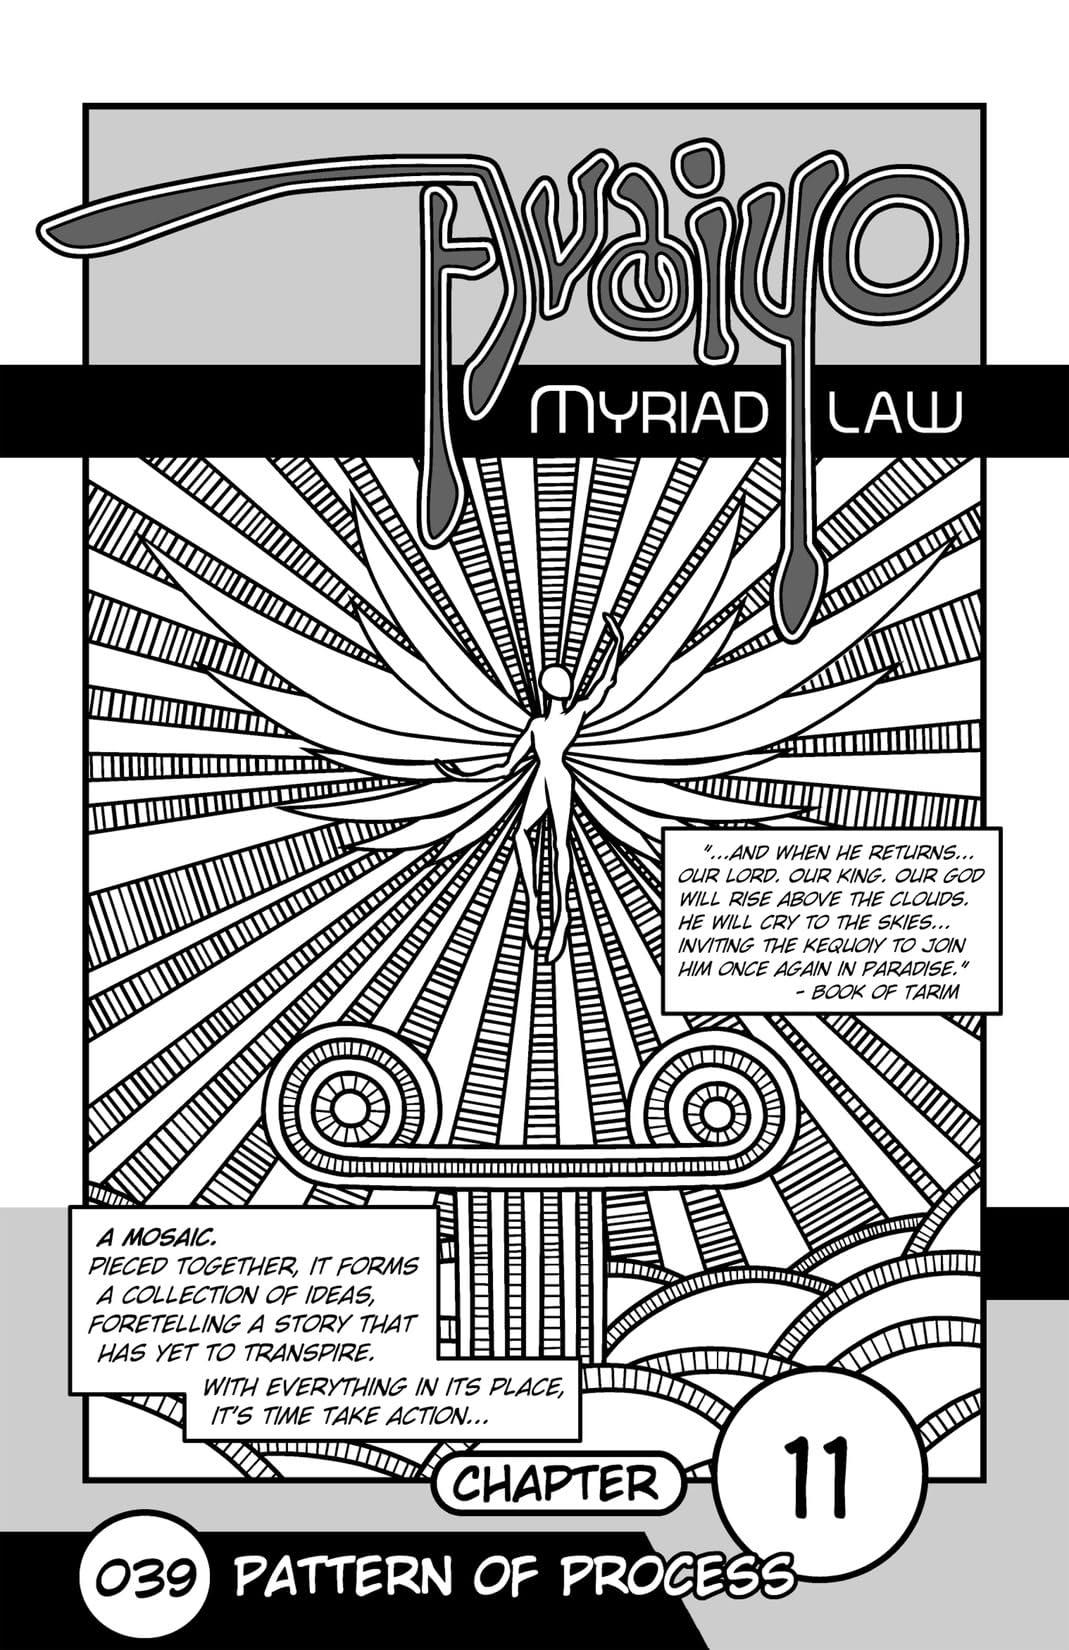 Avaiyo: Myriad Law #039